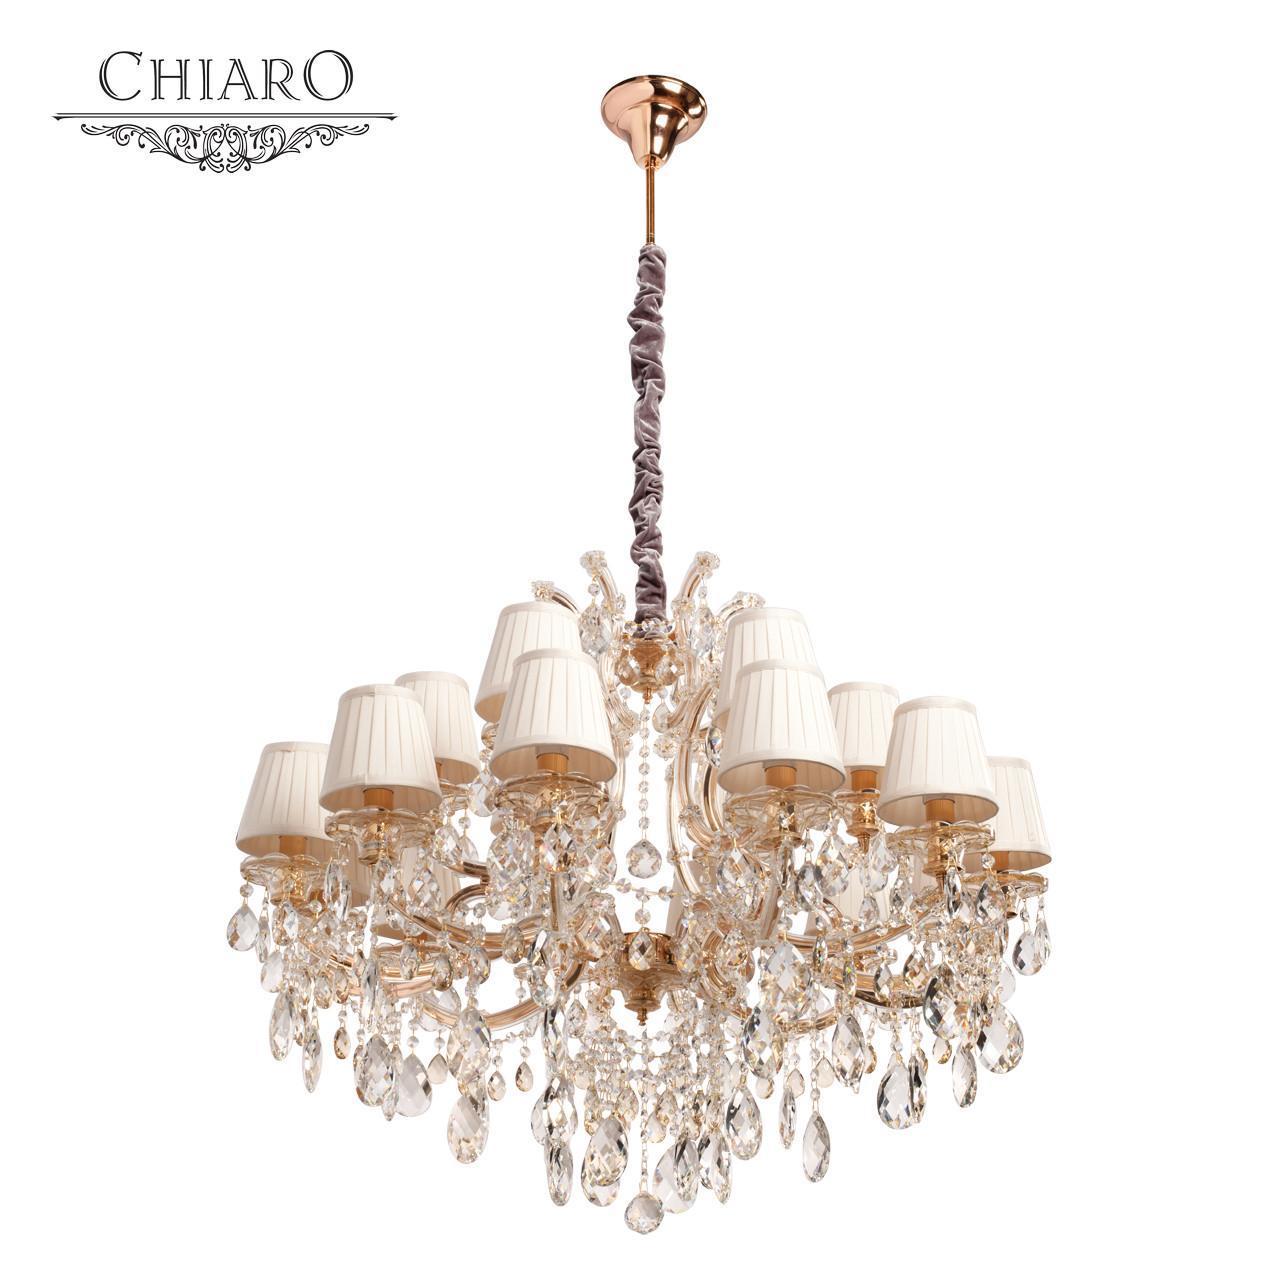 Люстра Chiaro Даниэль 479010718 подвесная подвесная люстра chiaro даниэль 479010718